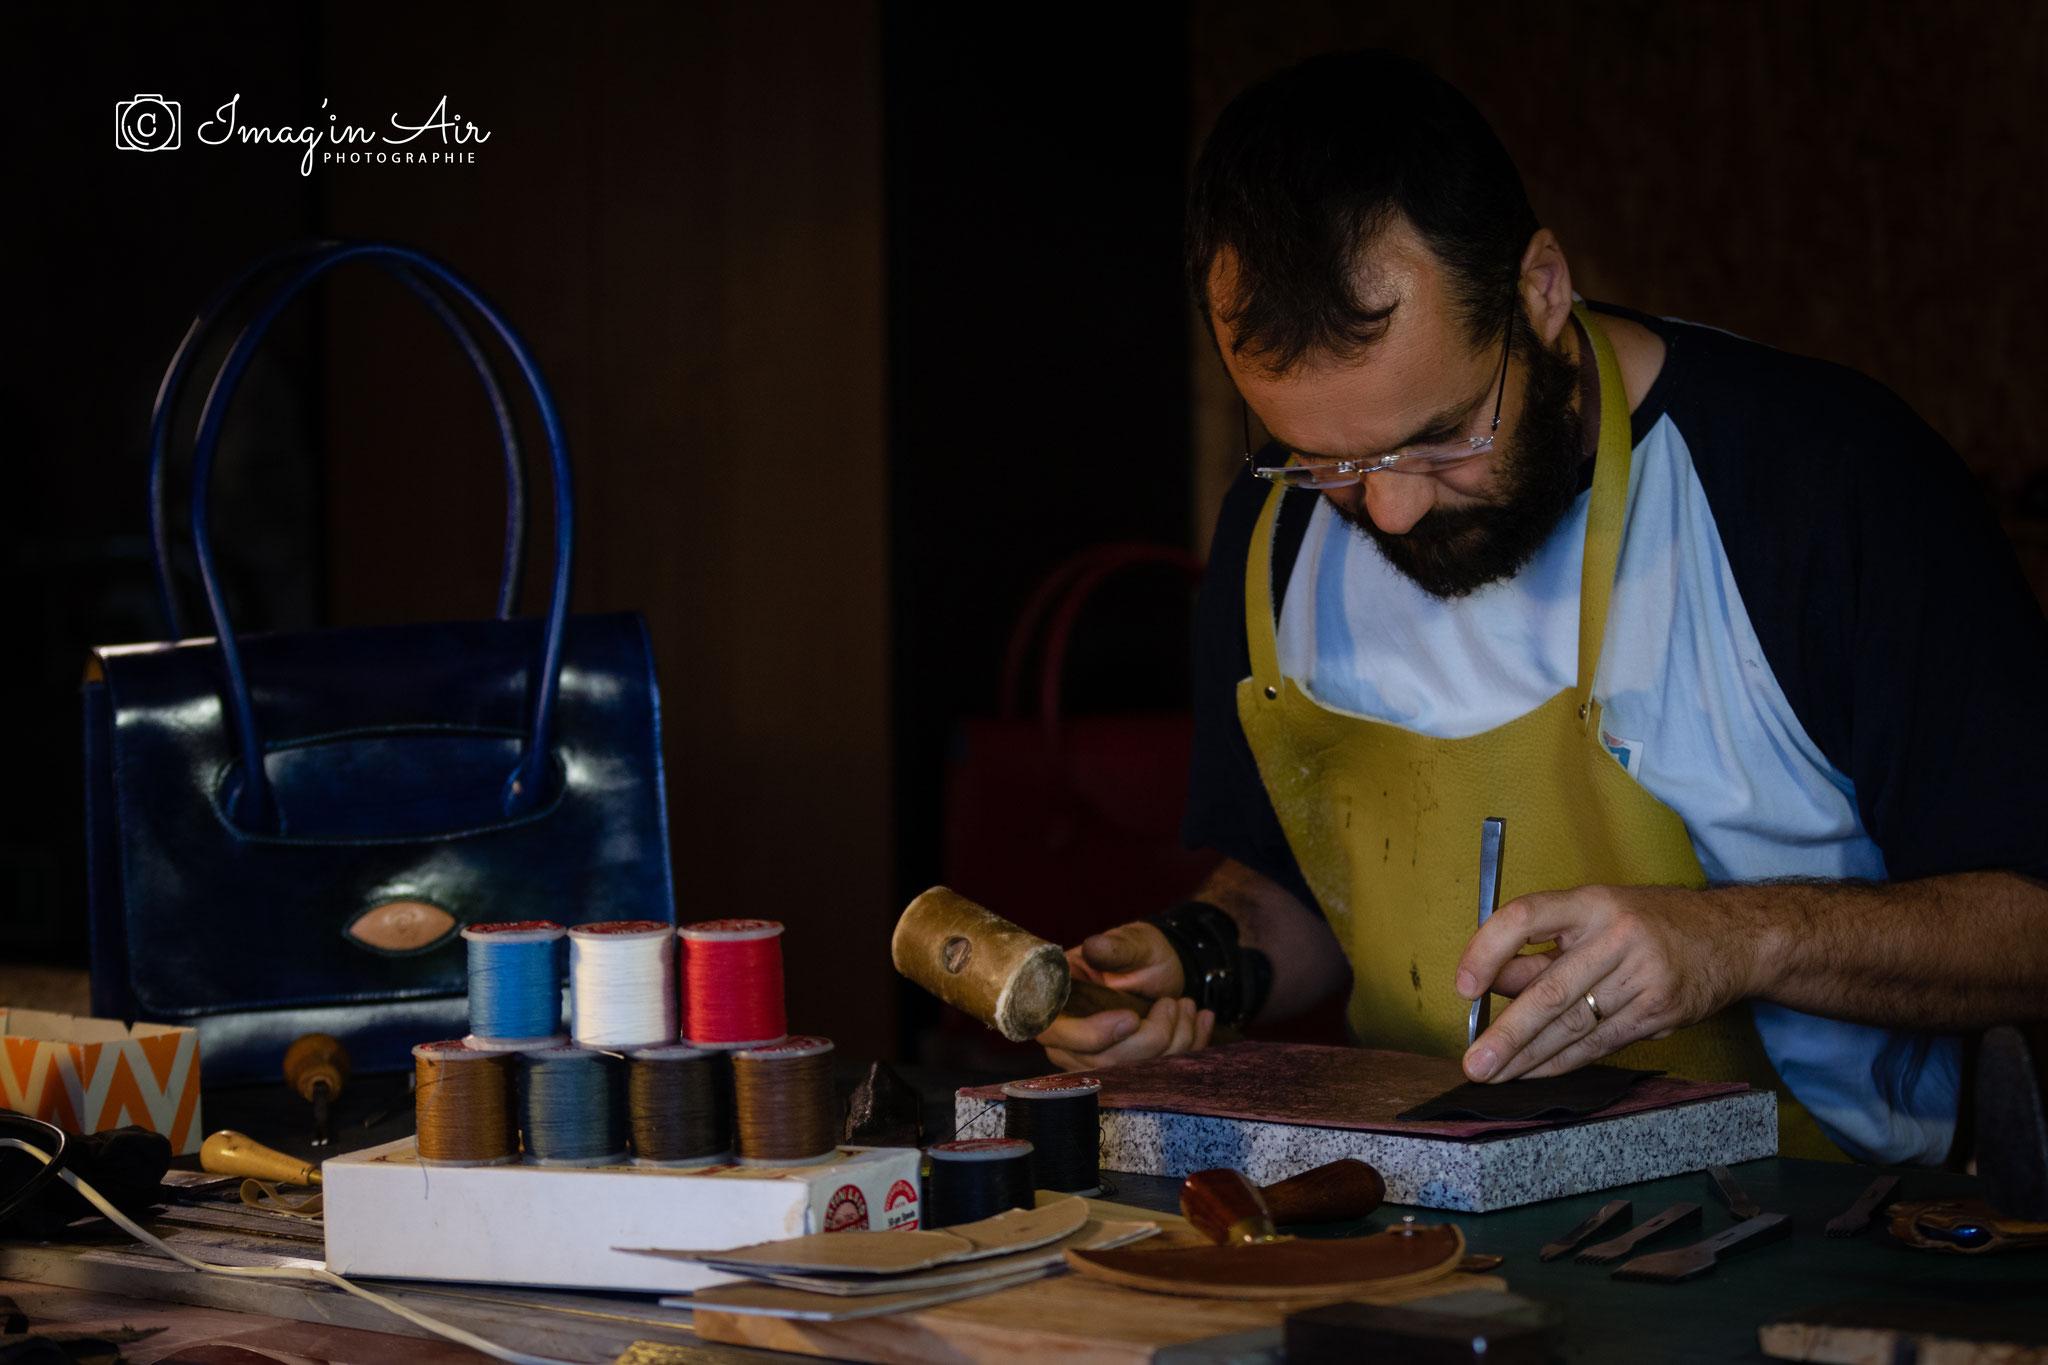 Griffage du cuir avant couture manuelle - droit photo studio imag'in air